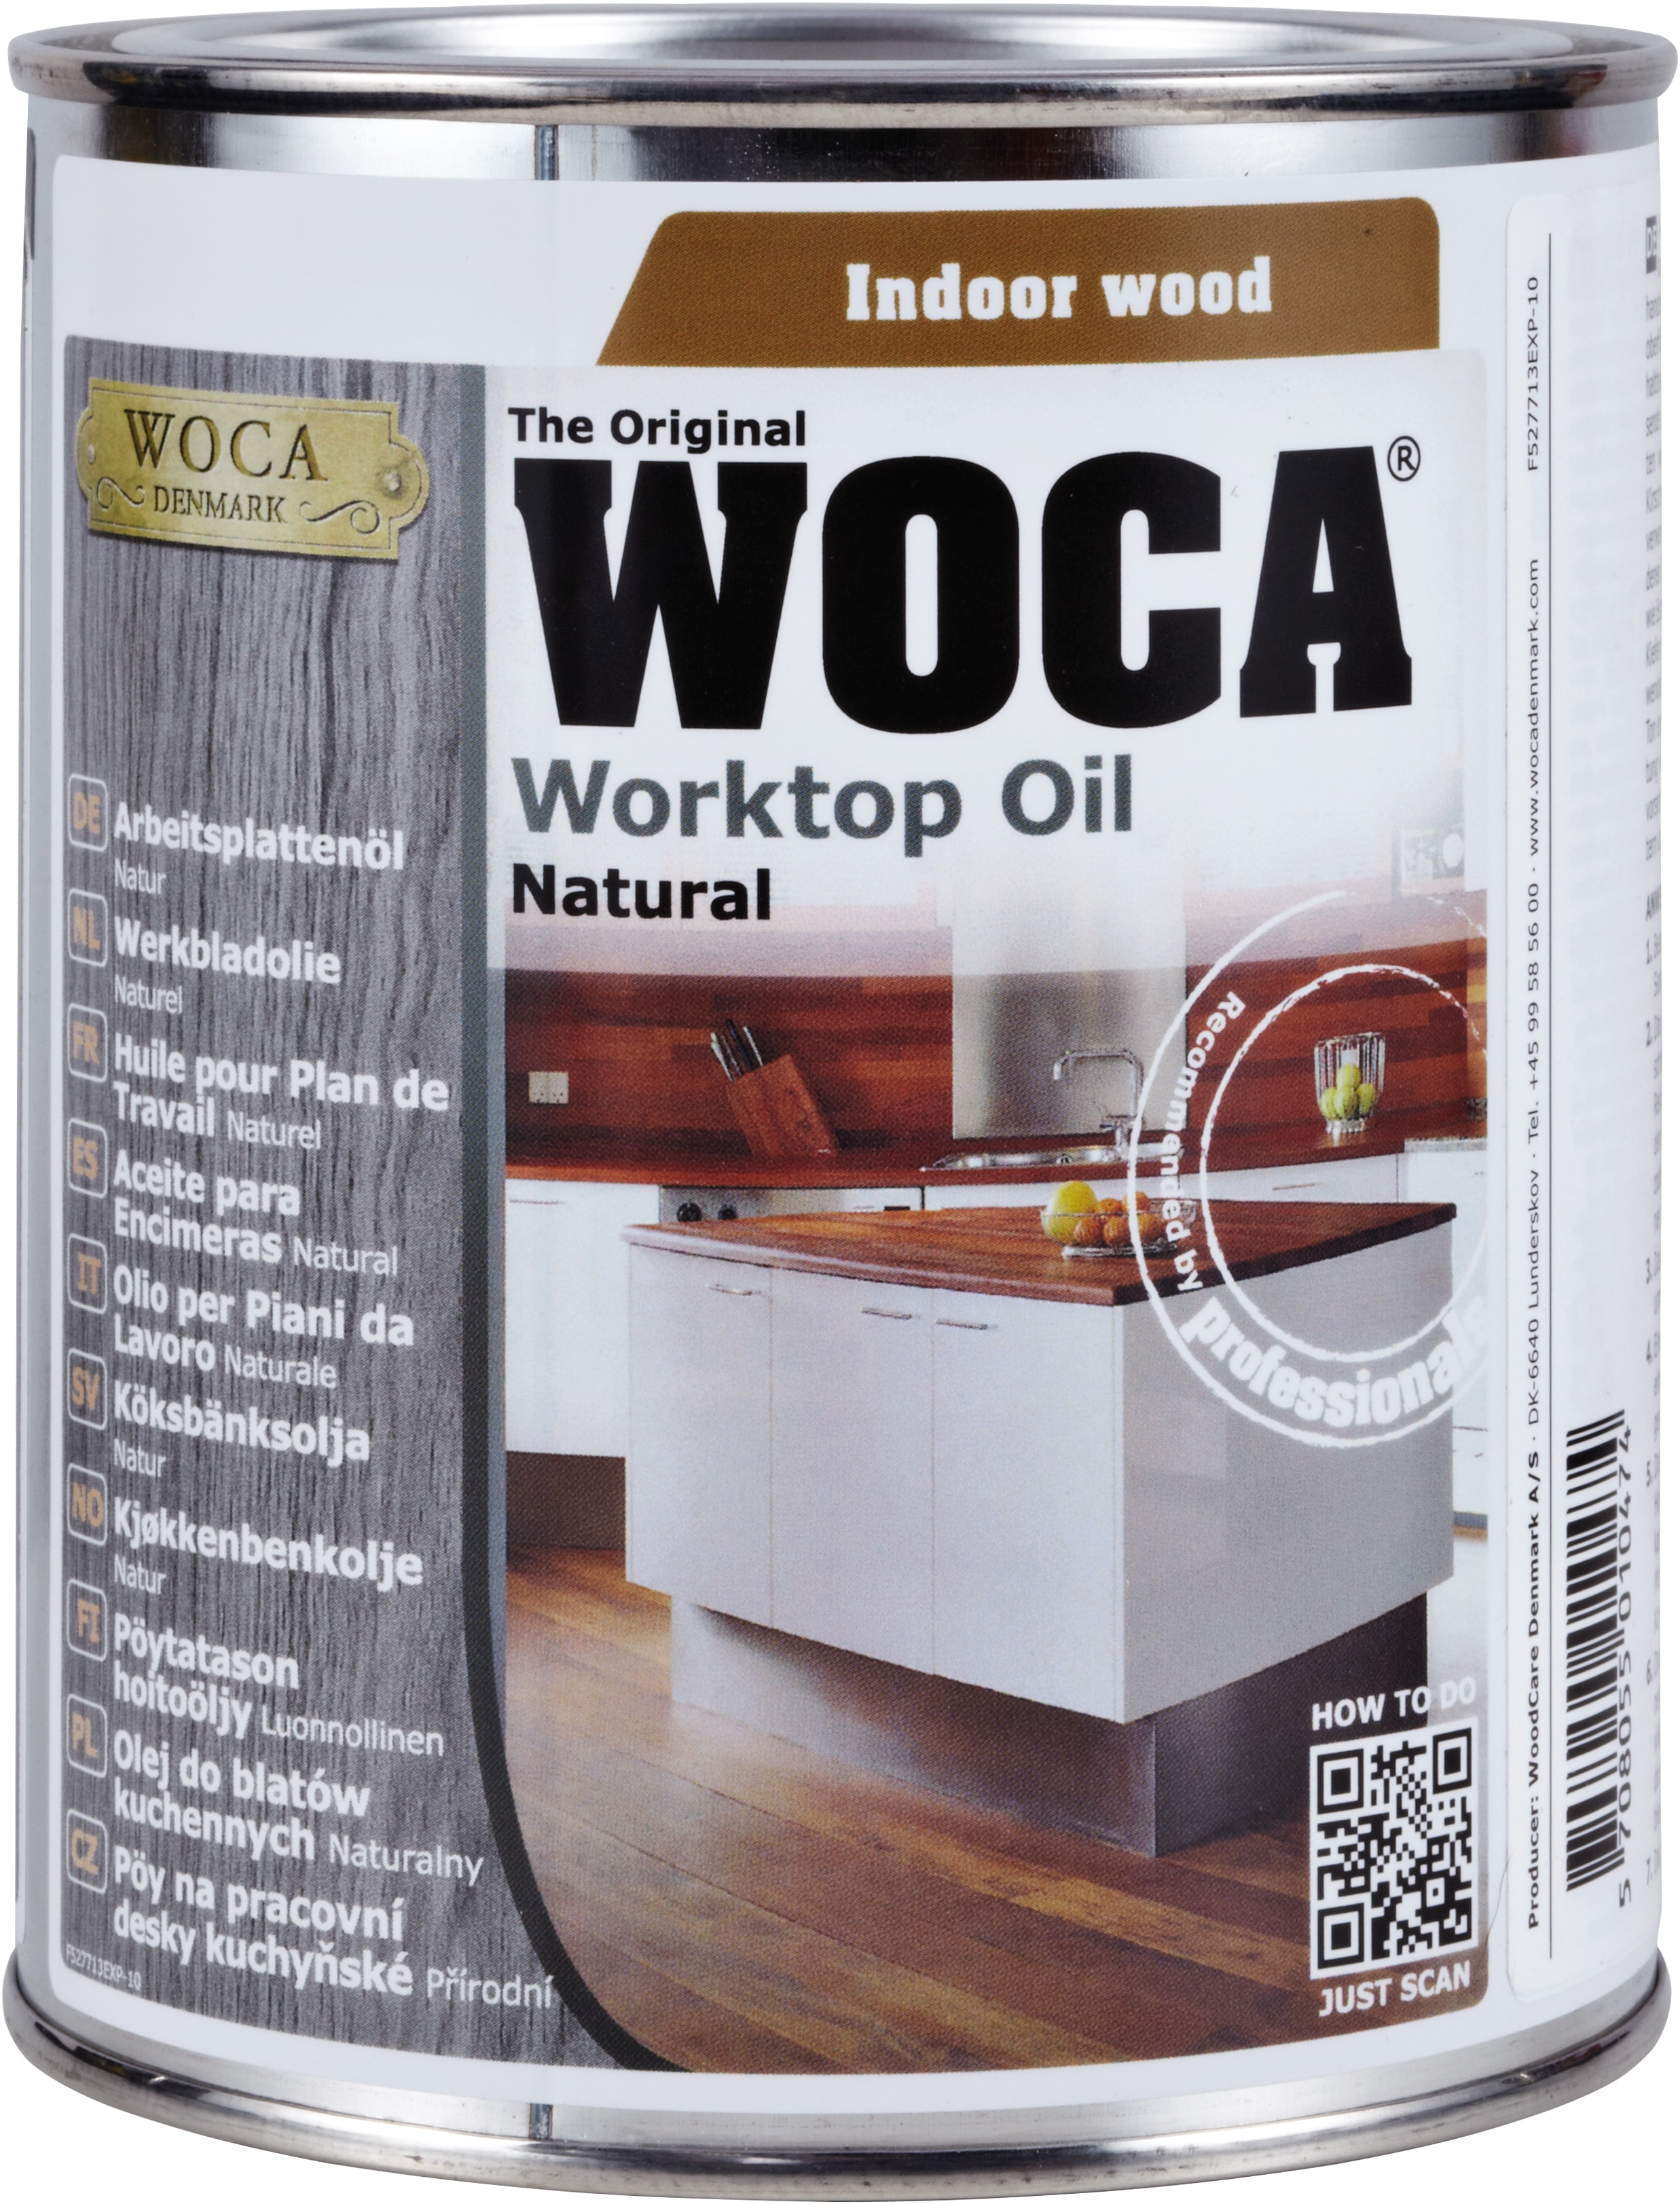 Worktop Oil, FDA Certified, .75 Ltr / Natural Butcher Block Accessories 0